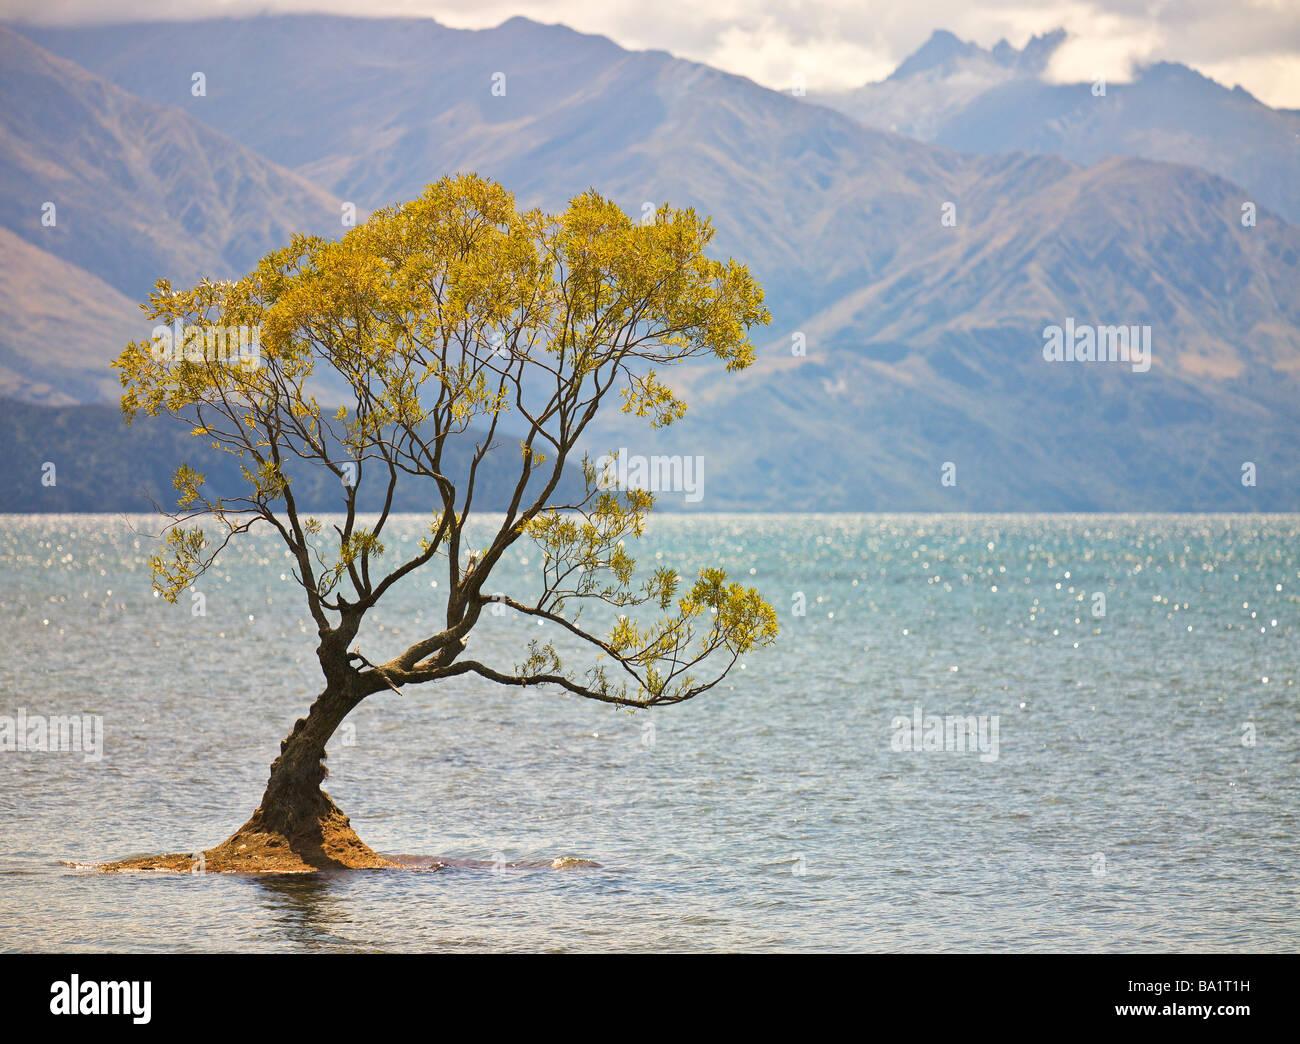 Tree, Lake Wanaka, Central Otago, New Zealand - Stock Image